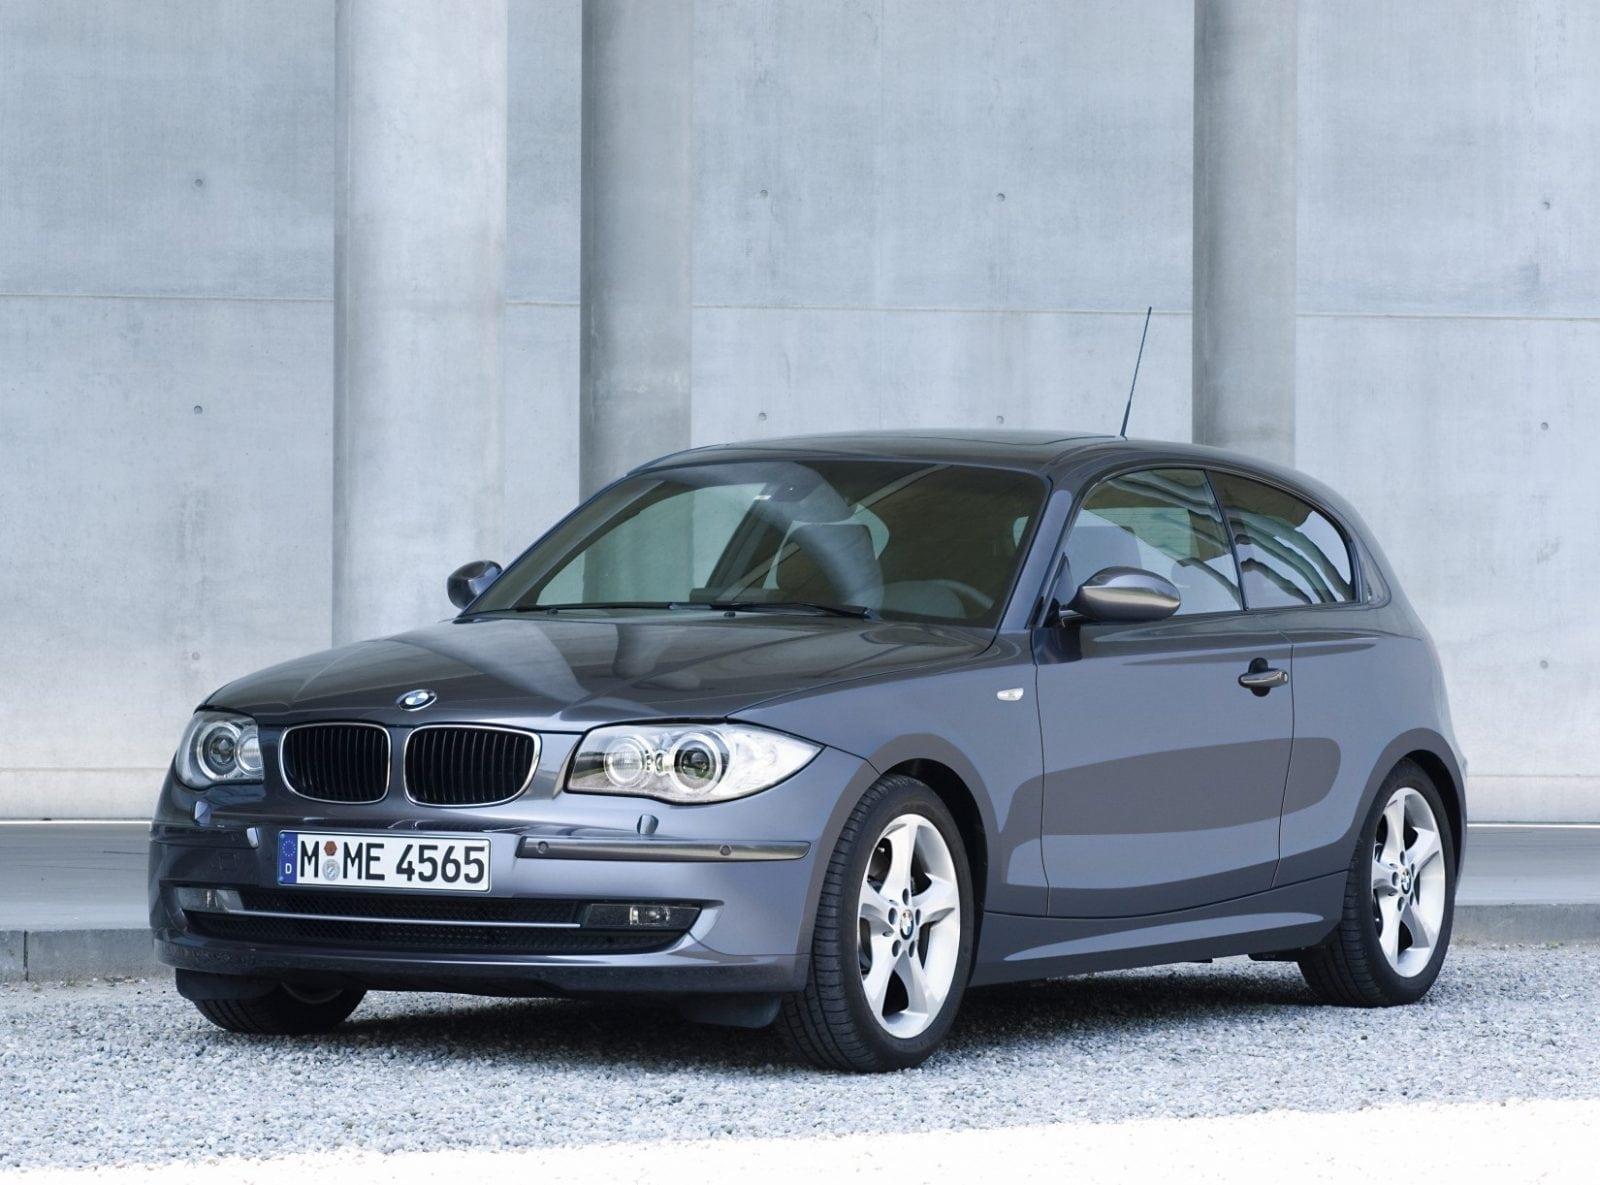 New BMW 123d E81 Three Door 06 2007